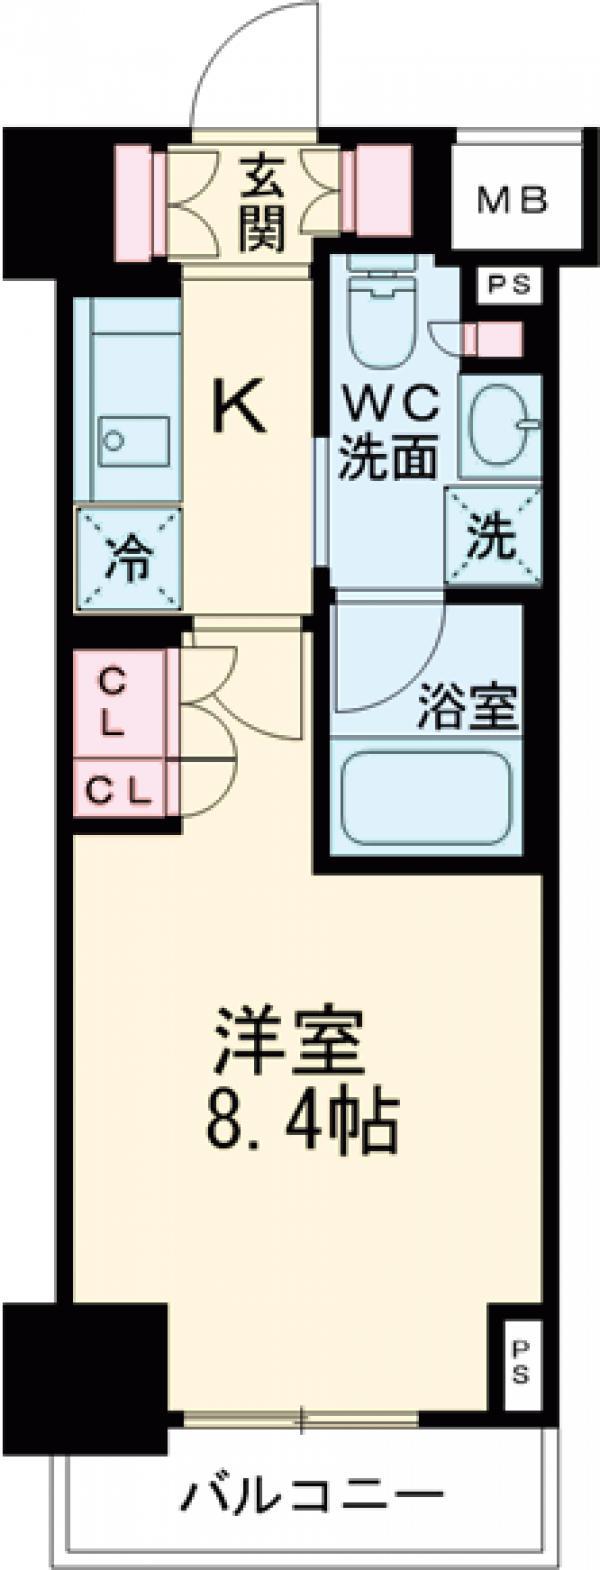 プラウドフラット西早稲田・1203号室の間取り